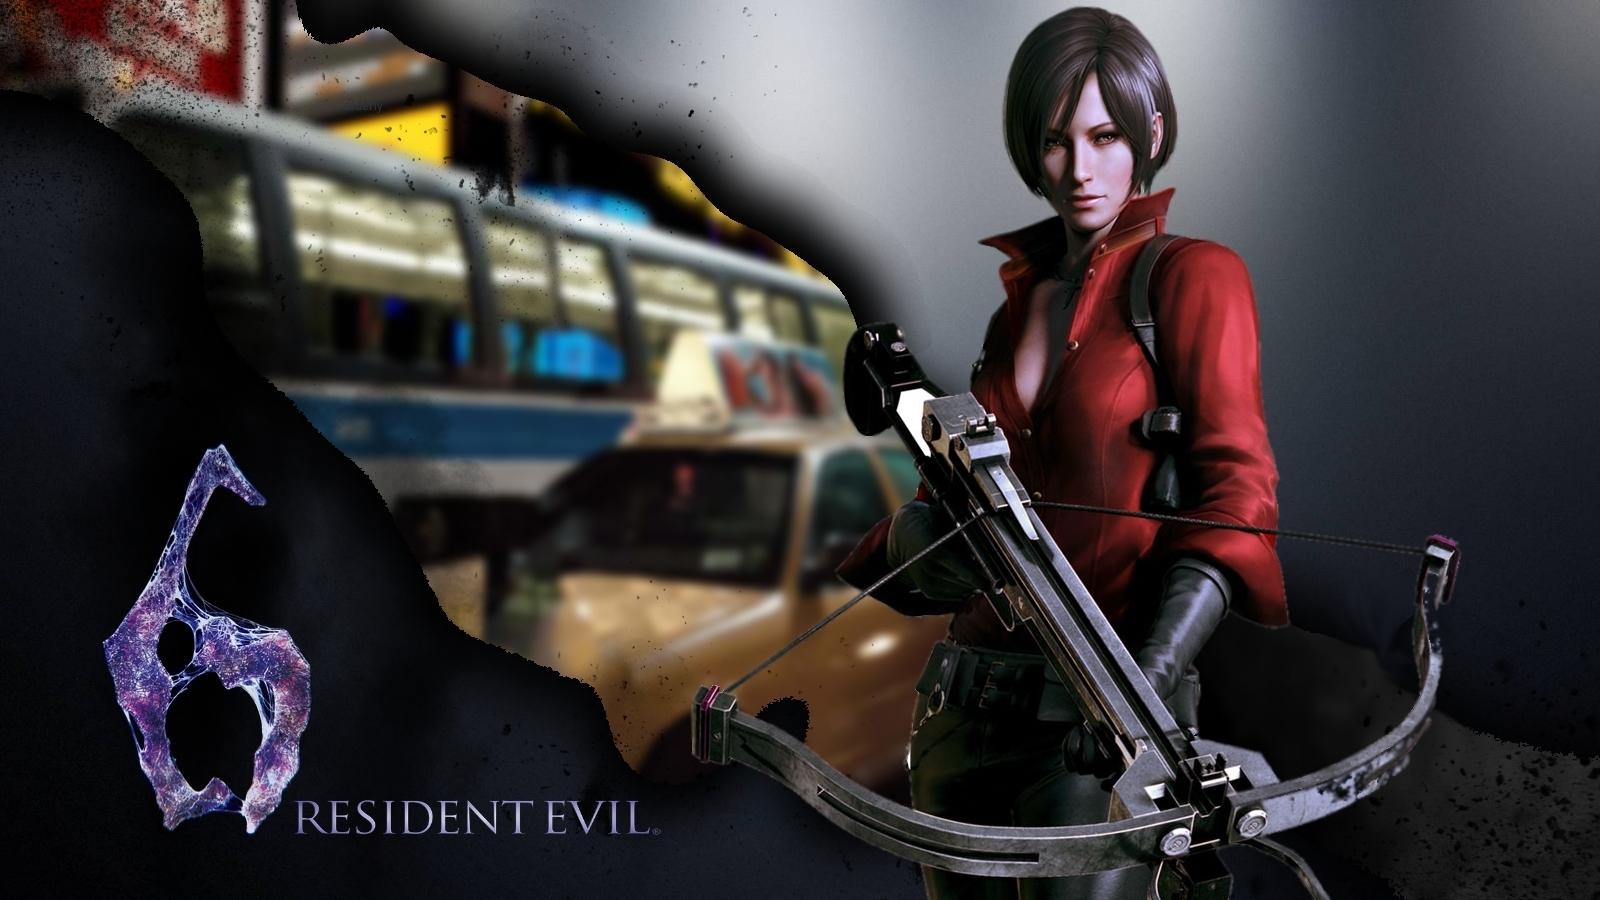 Ada Wong Resident Evil 6 Wallpaper - Resident Evil 6 , HD Wallpaper & Backgrounds